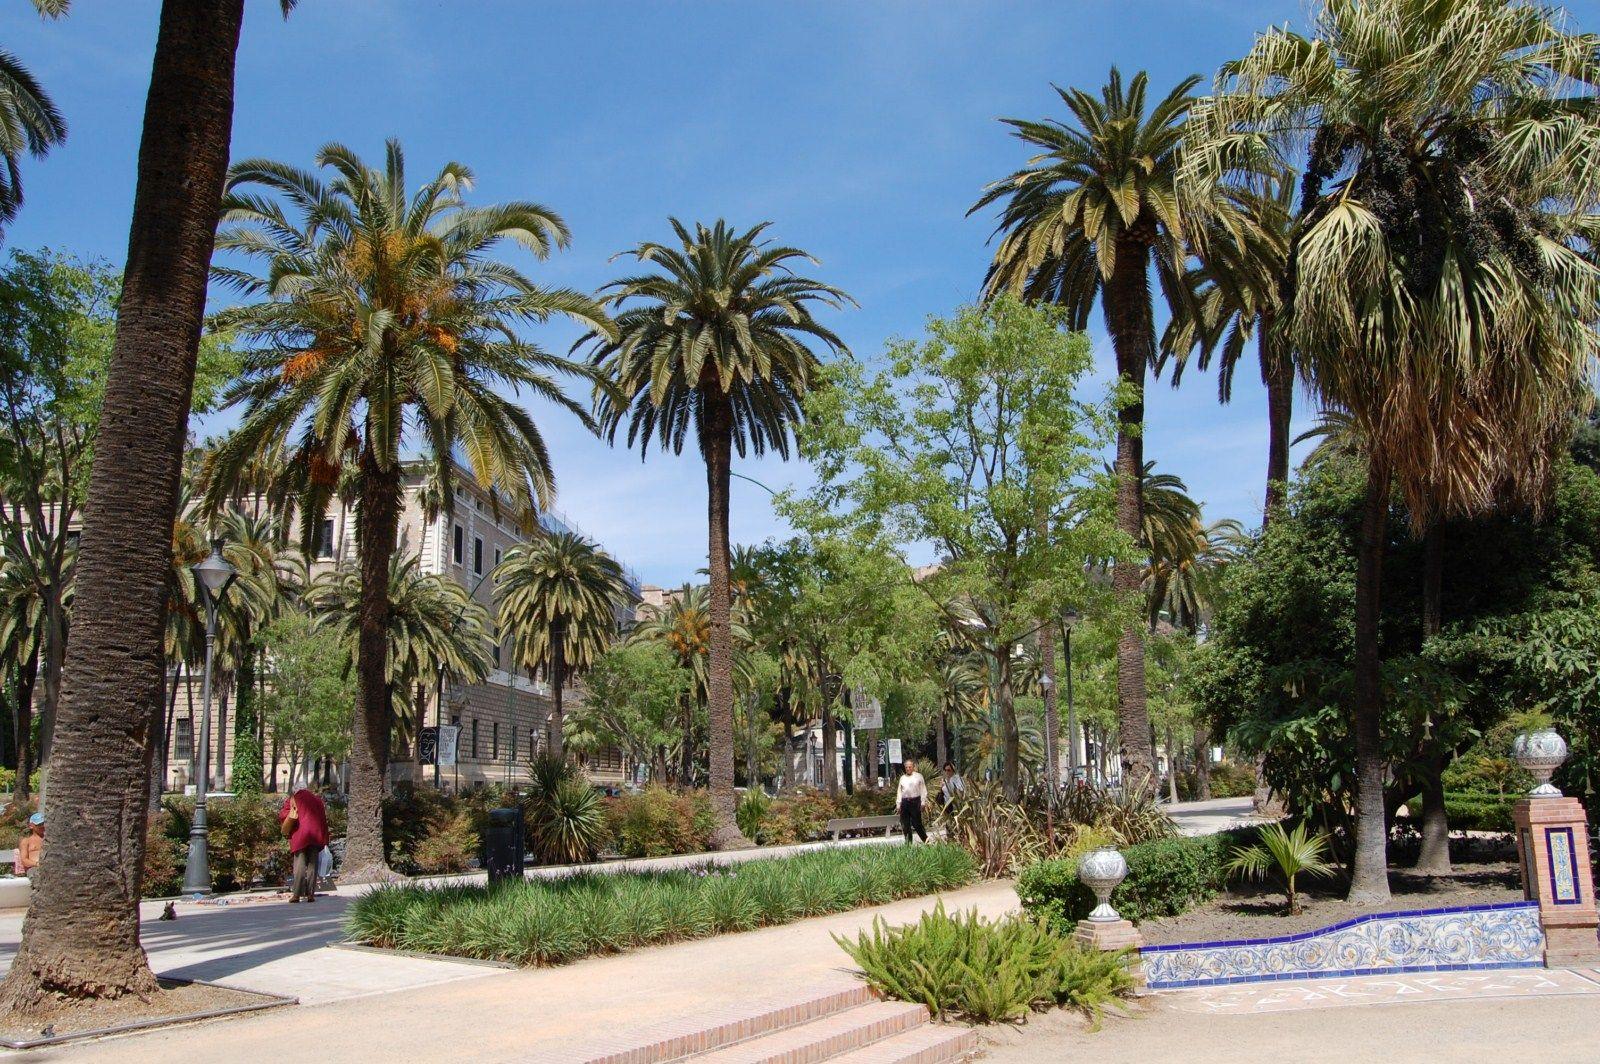 Place Paseo del Parque, Málaga / Andalucía, Spain. Photo